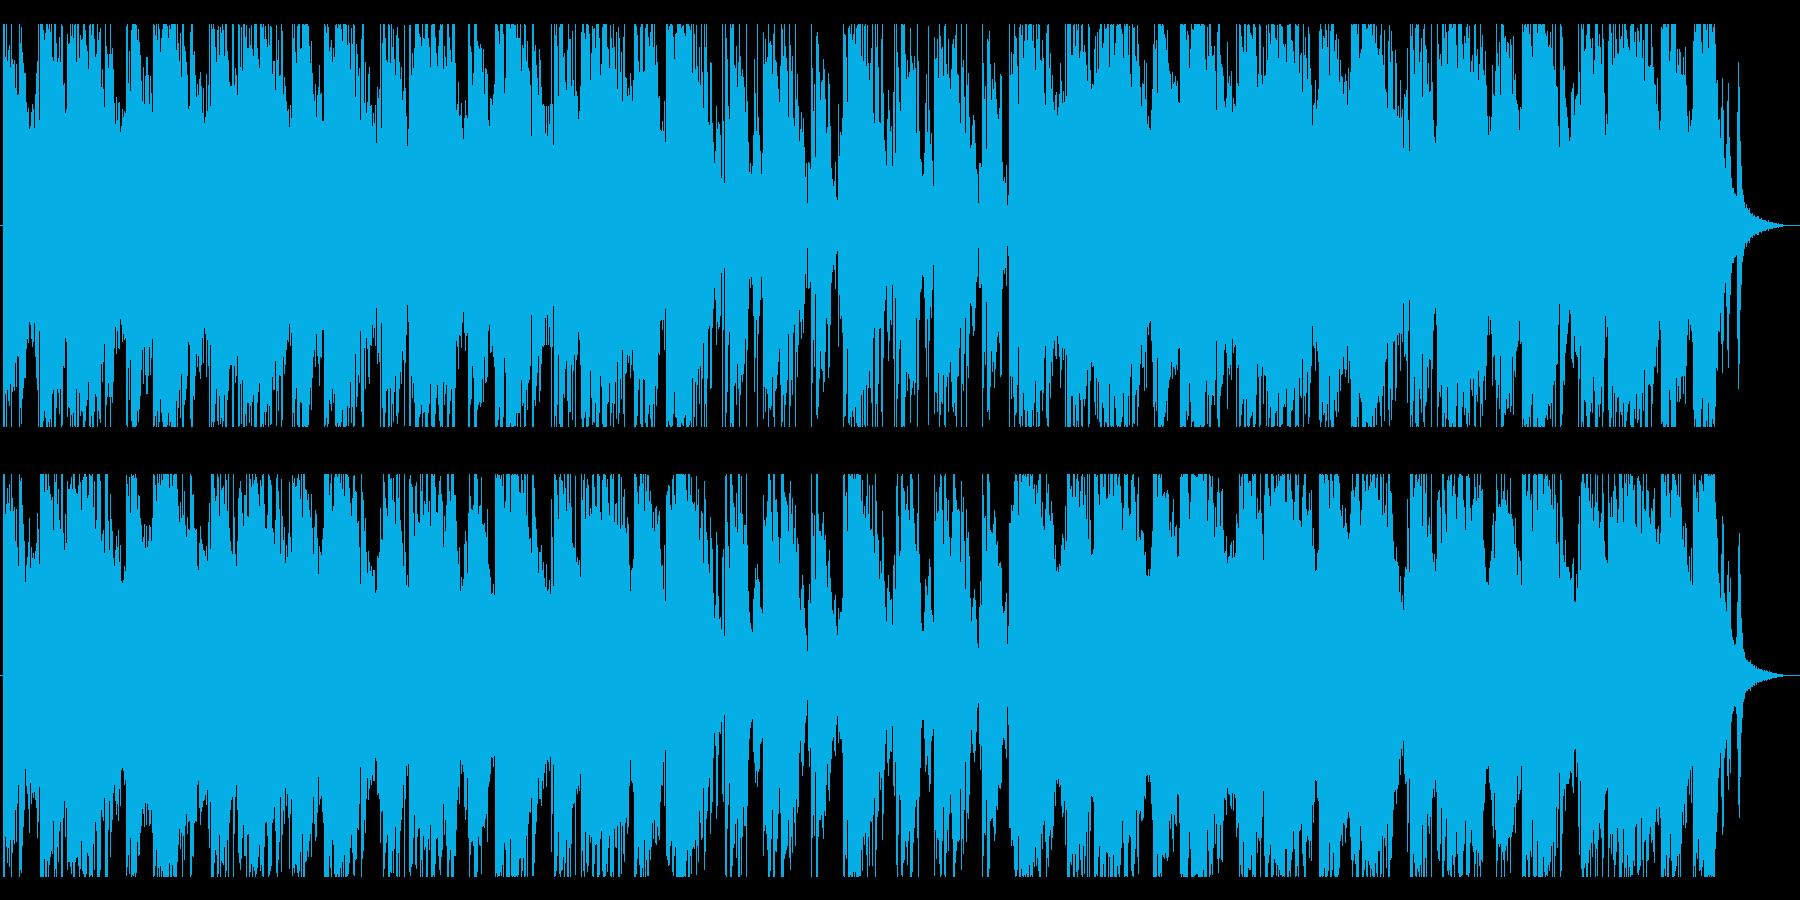 抗えない力に立ち向かうBGMの再生済みの波形